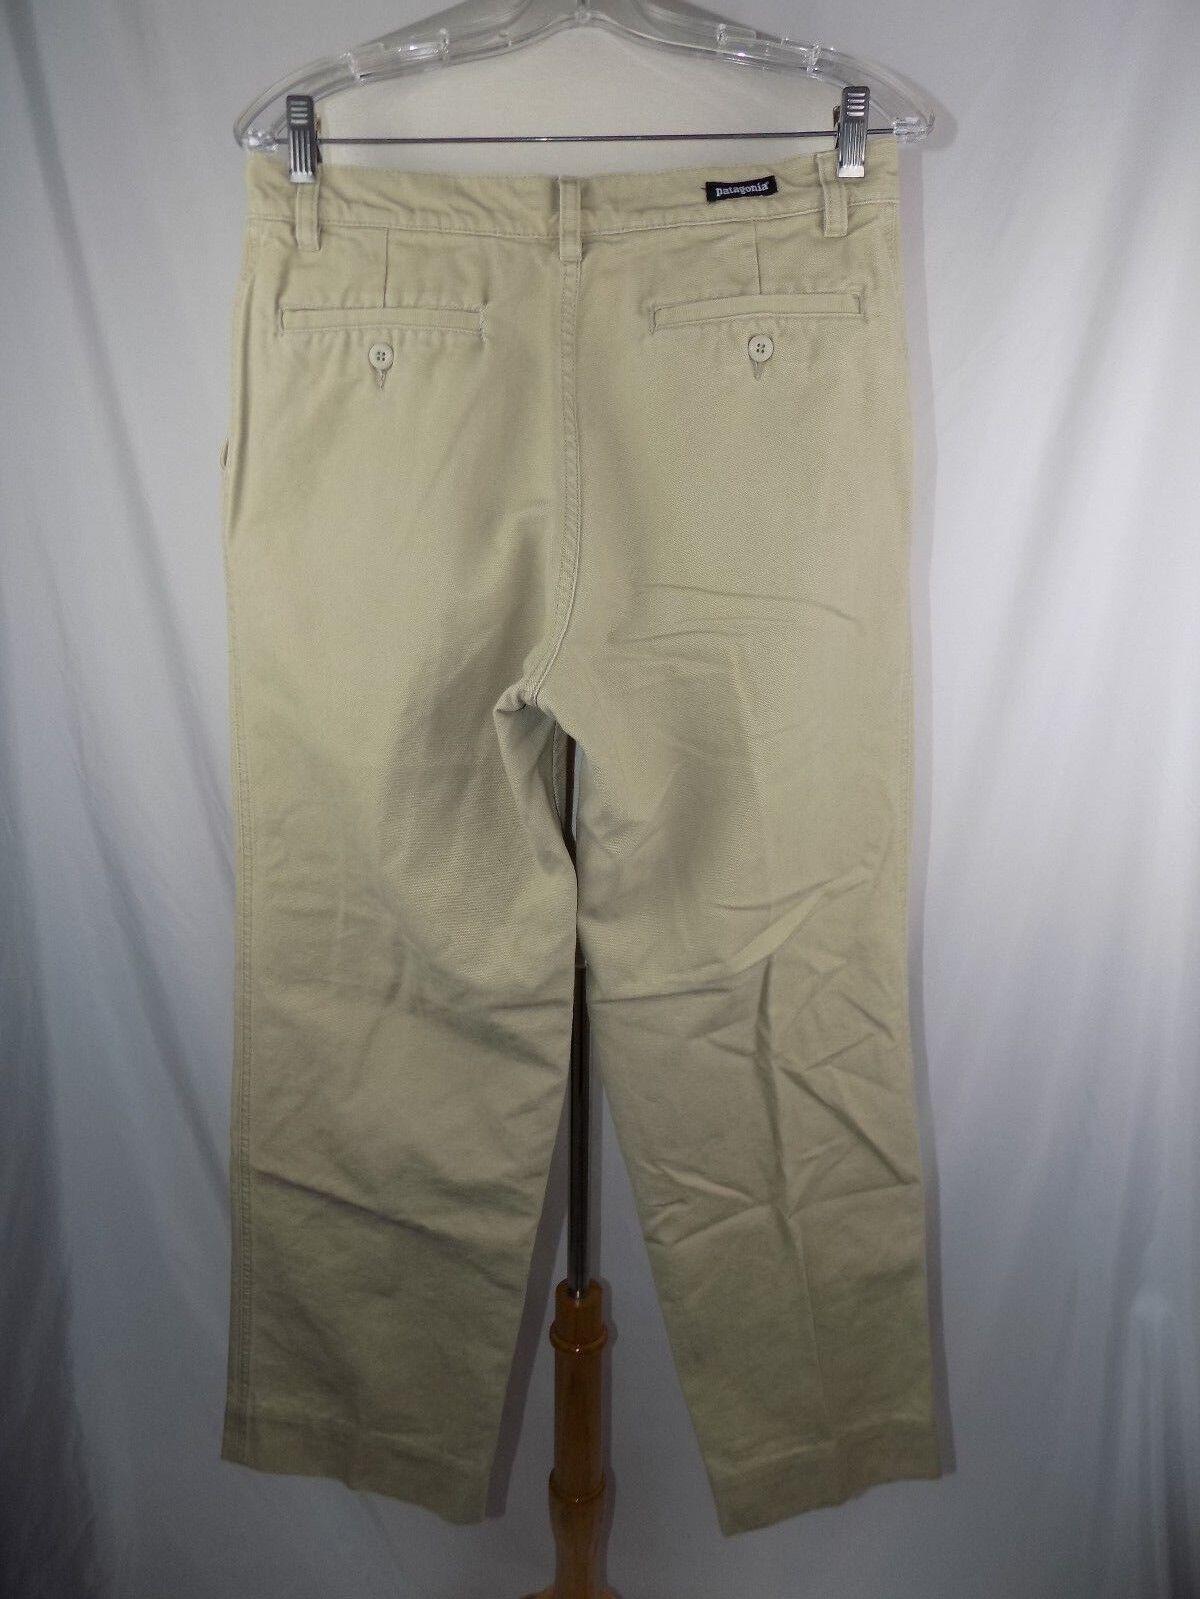 Patagonia Organic Cotton Men's 30 x 31 Khaki Pants Trousers